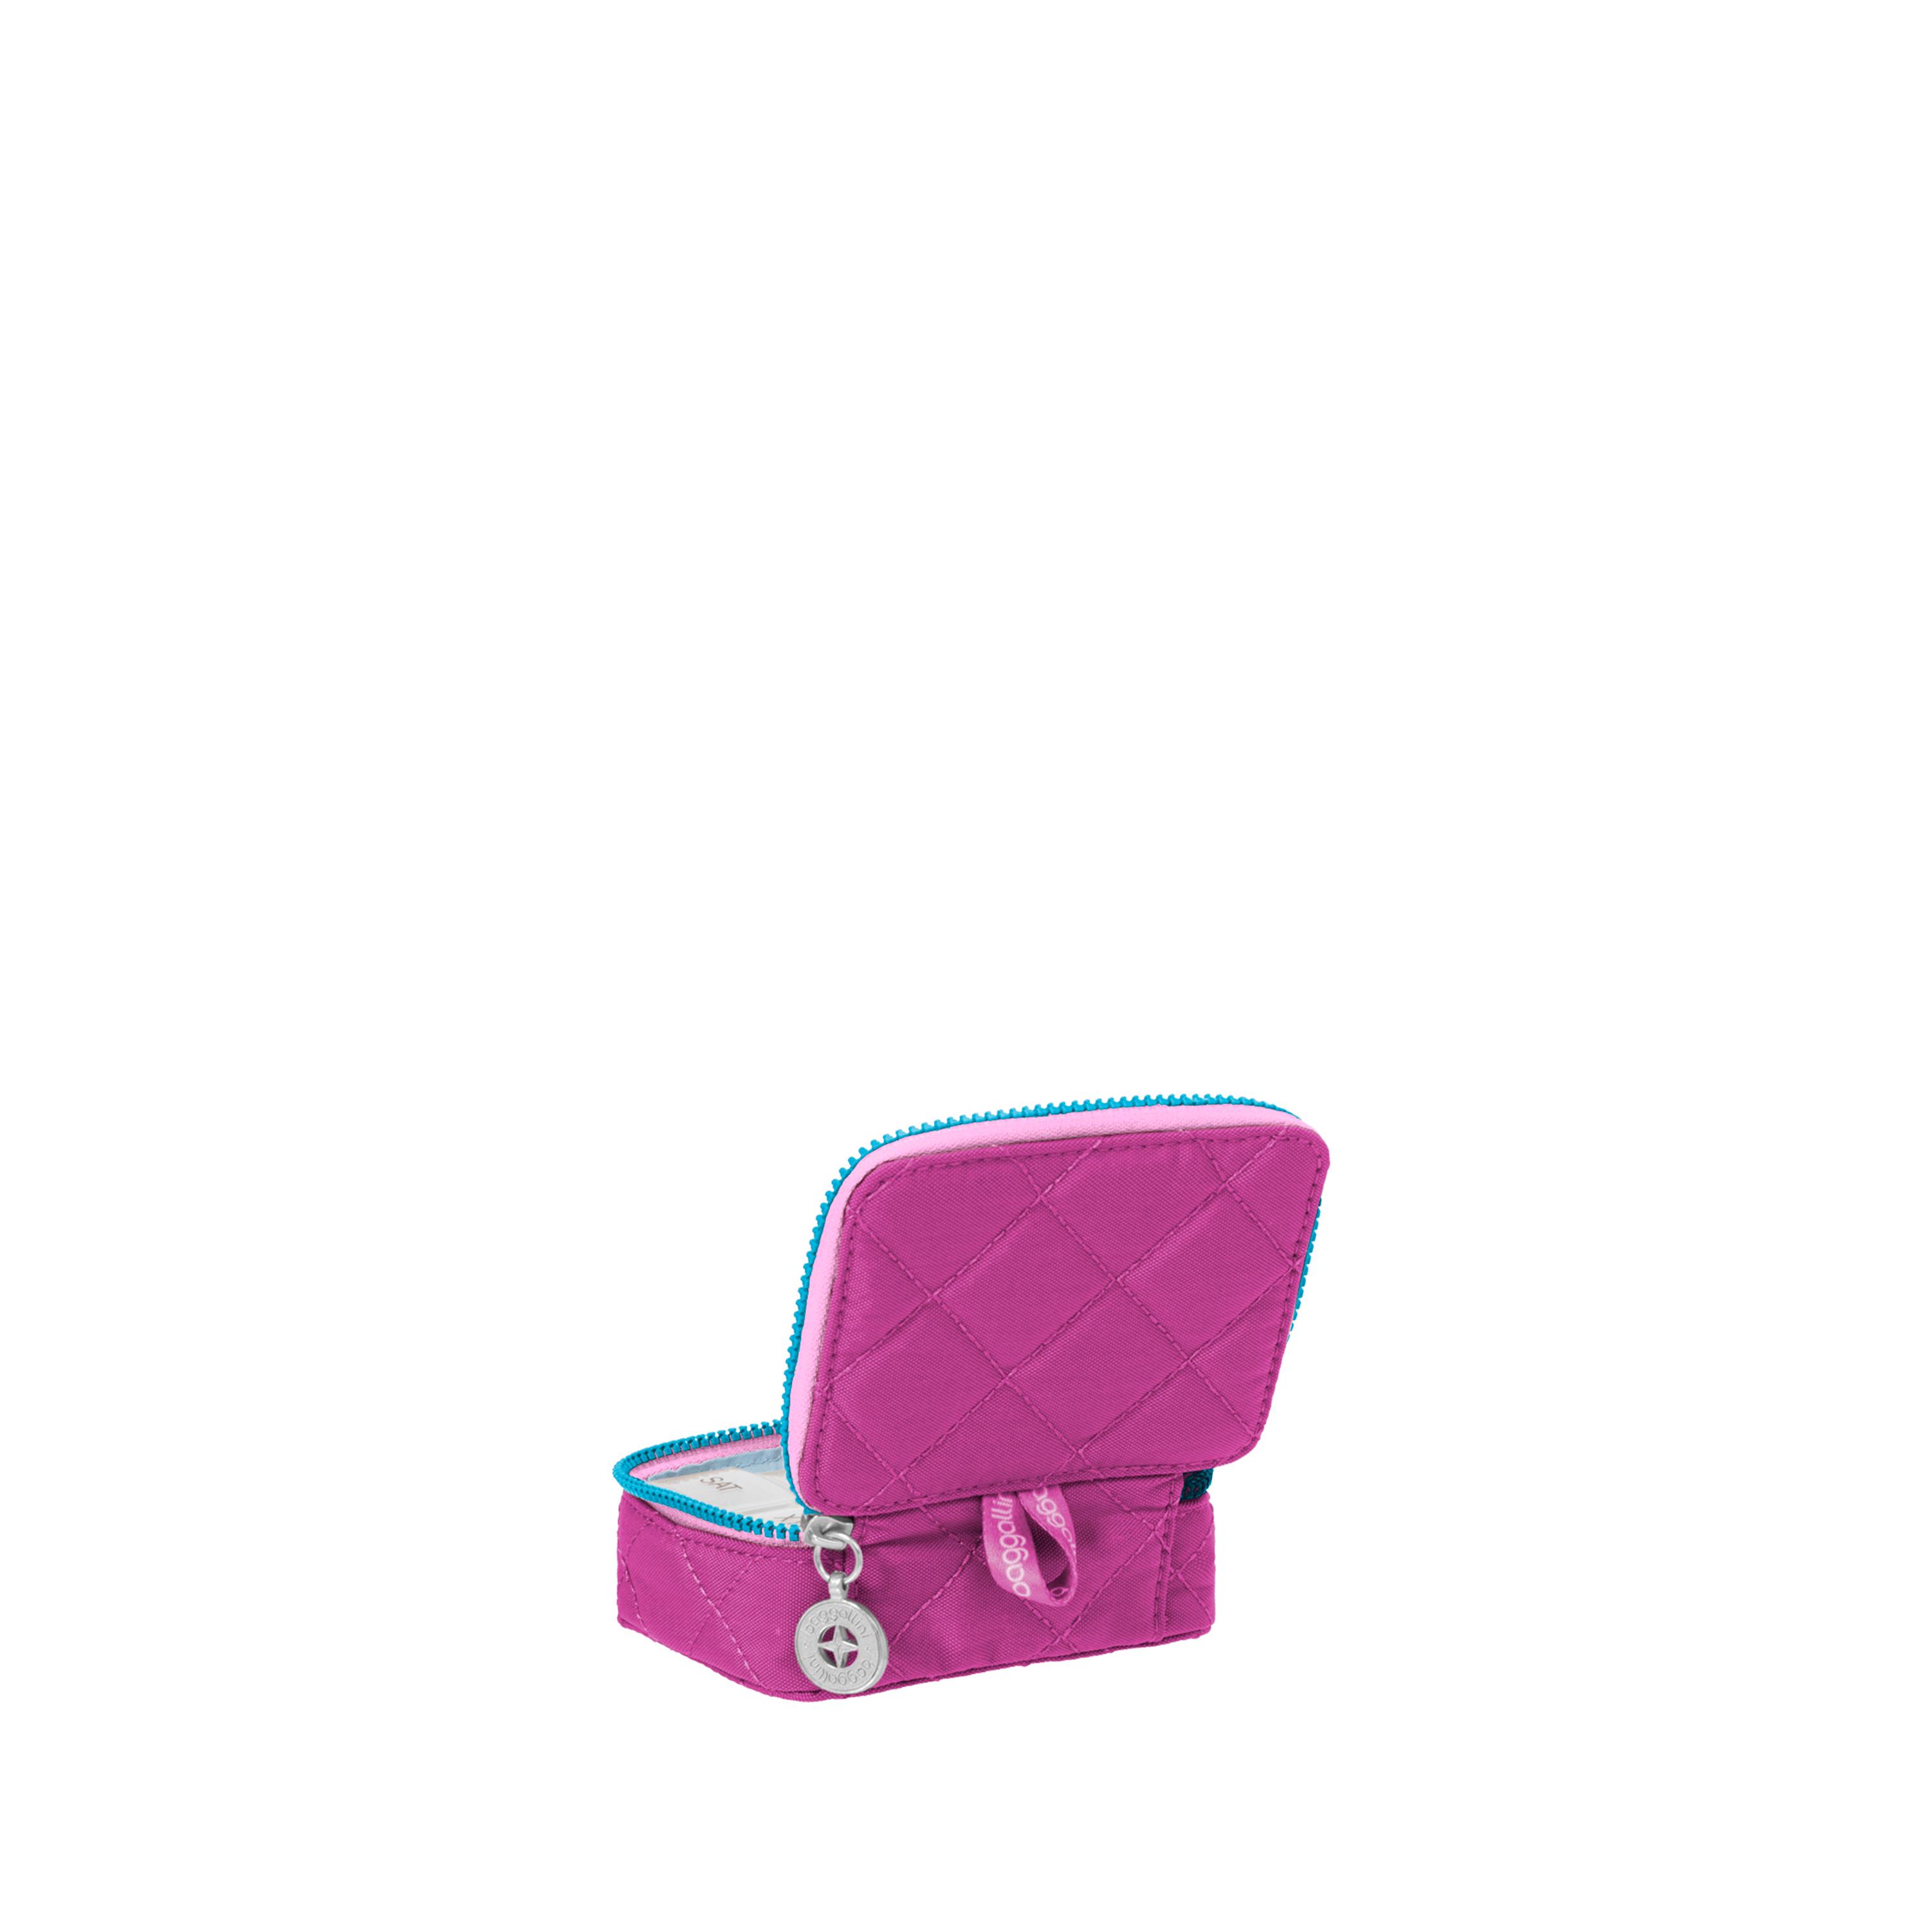 baggallini-Women-039-s-TSA-Friendly-Travel-Pill-Case-Nylon-Multiple-Colors thumbnail 5